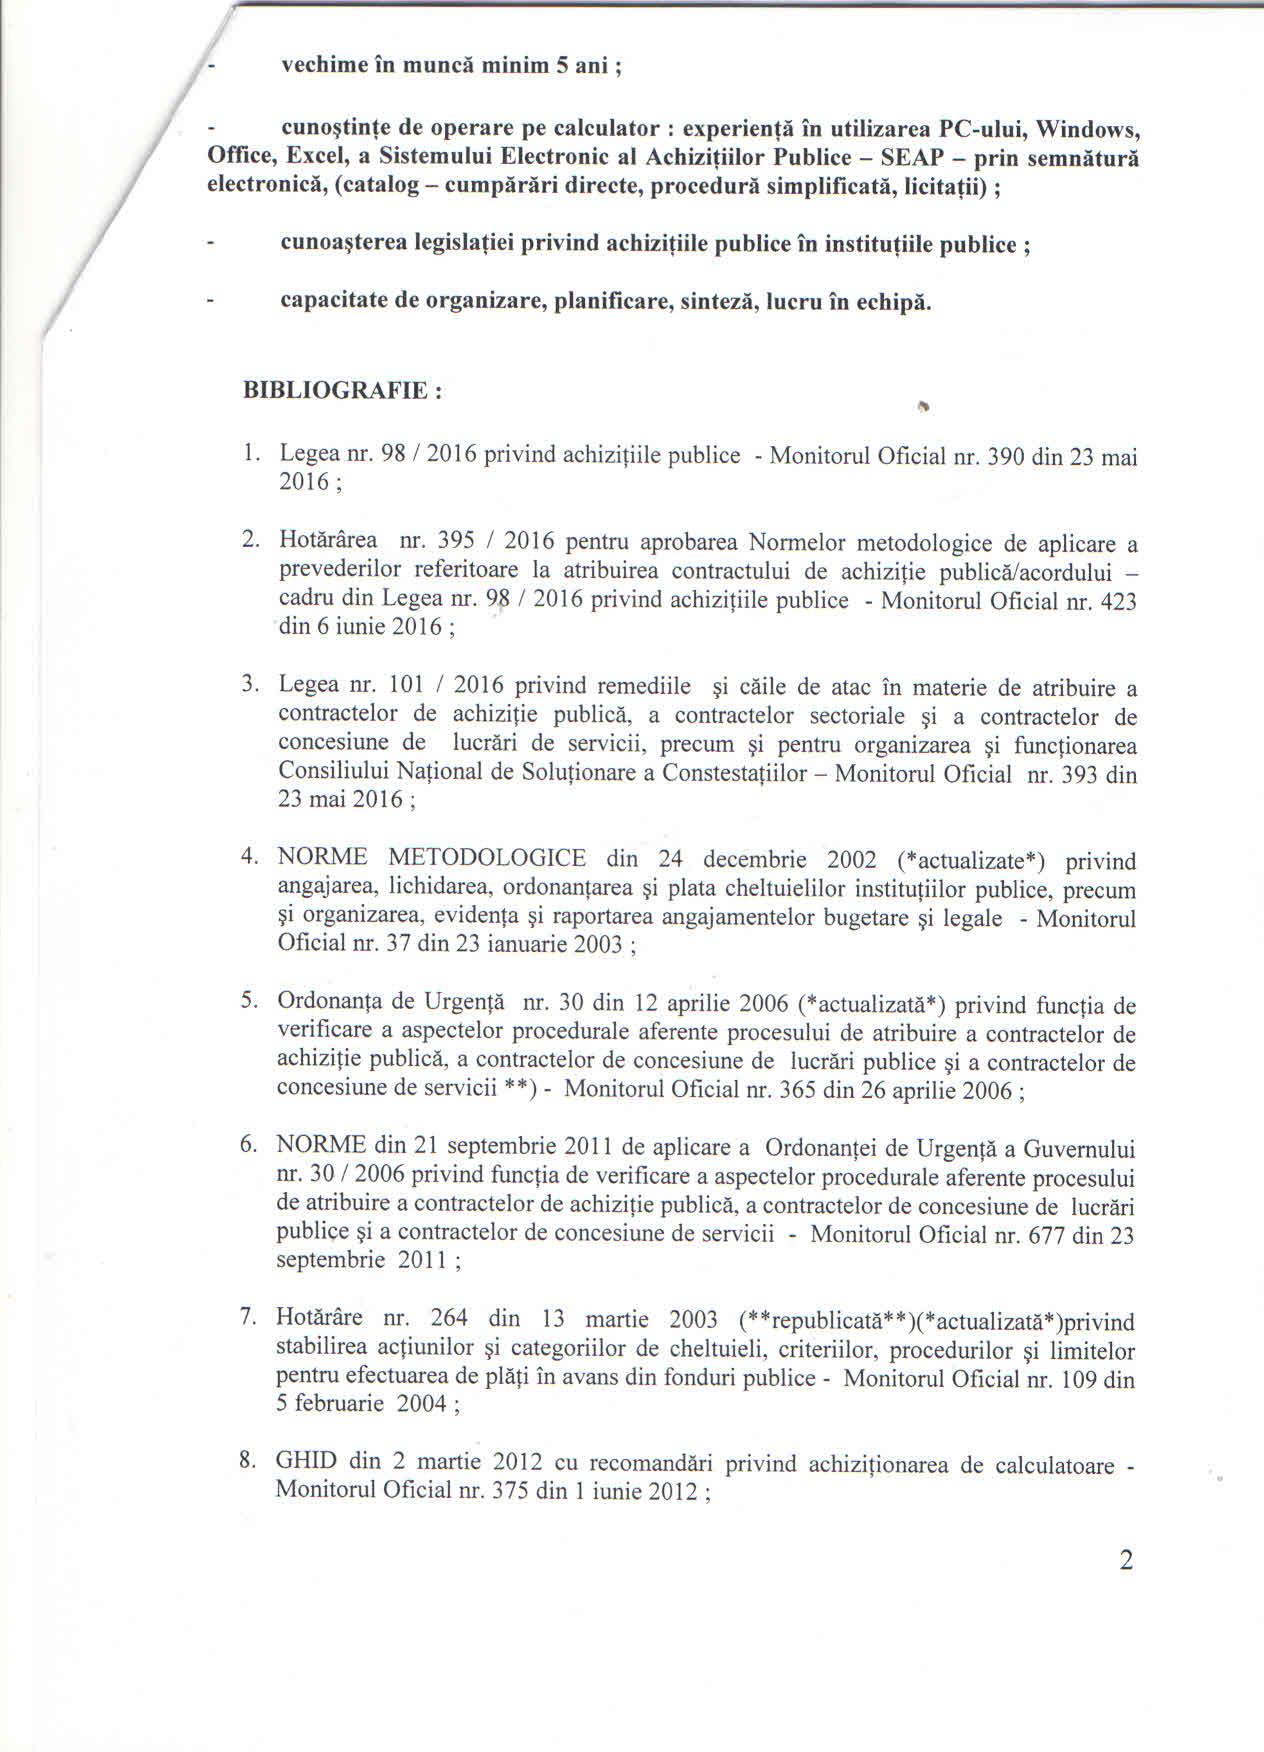 anunt-sef-serv-achiz-publ-pag-2